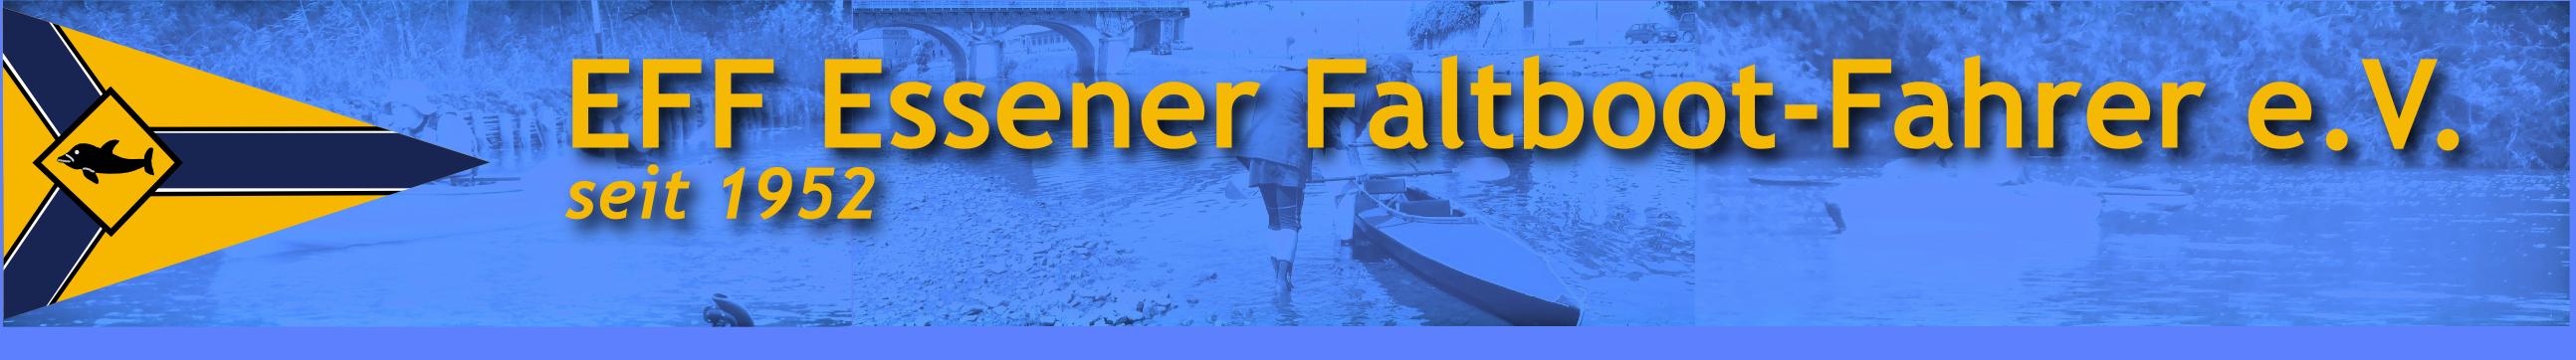 Essener Faltboot-Fahrer e.V.